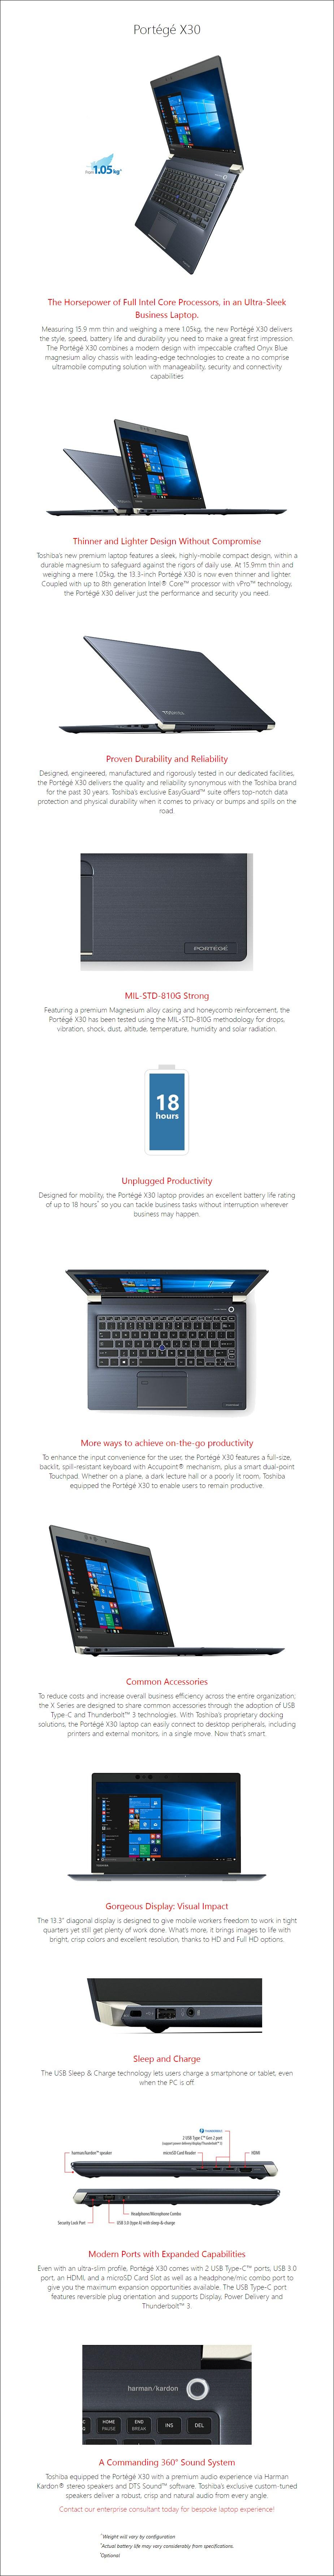 """Toshiba Portege X30-E 13.3"""" Laptop i7-8550U 8GB 256GB W10P Touch - Overview 1"""